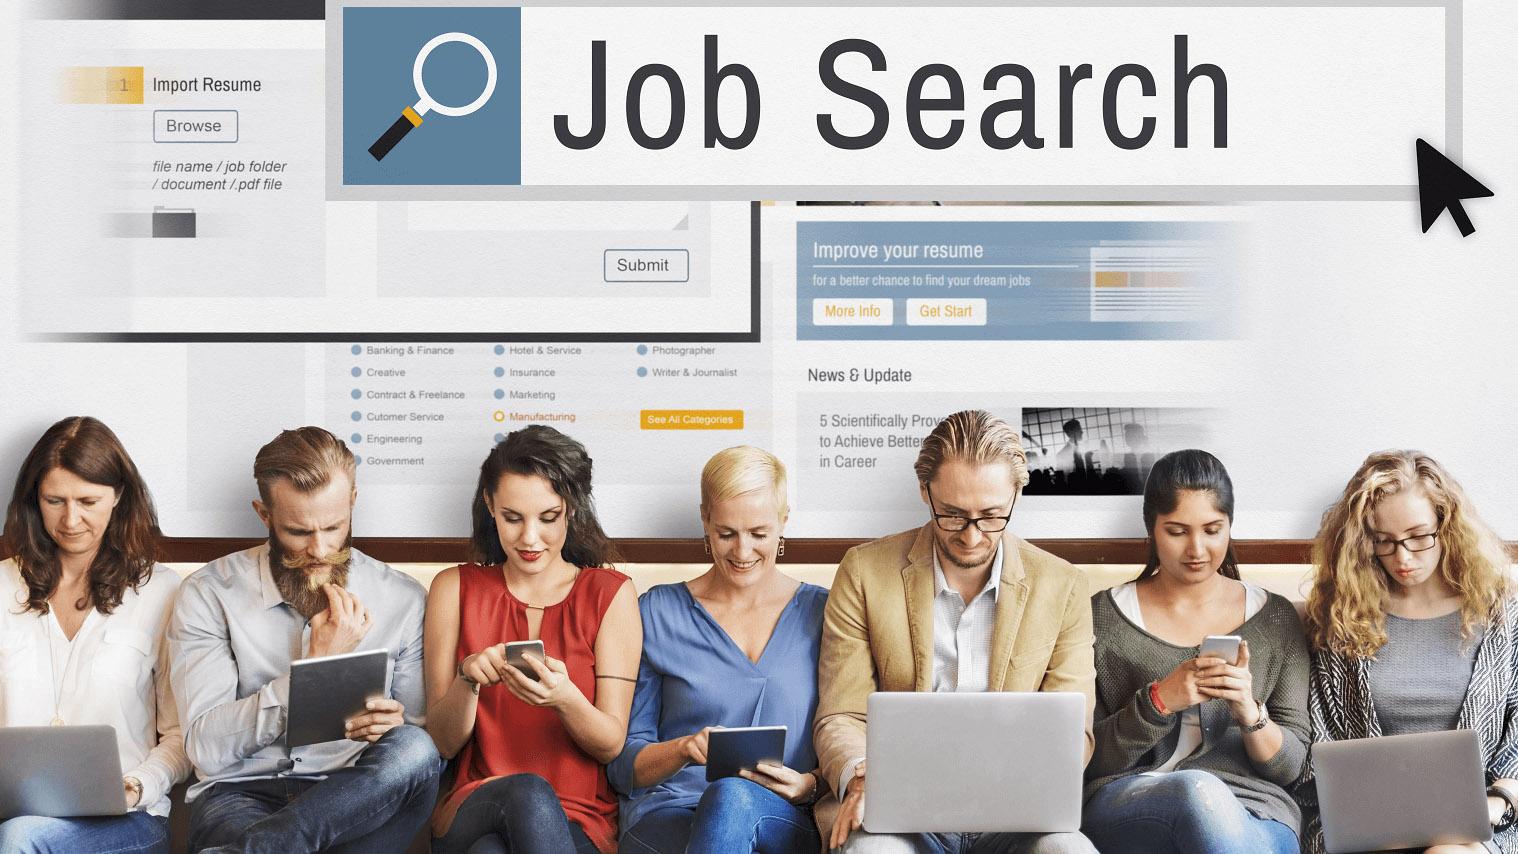 Mitä on inbound-rekrytointi ja miksi siitä tulisi tietää?